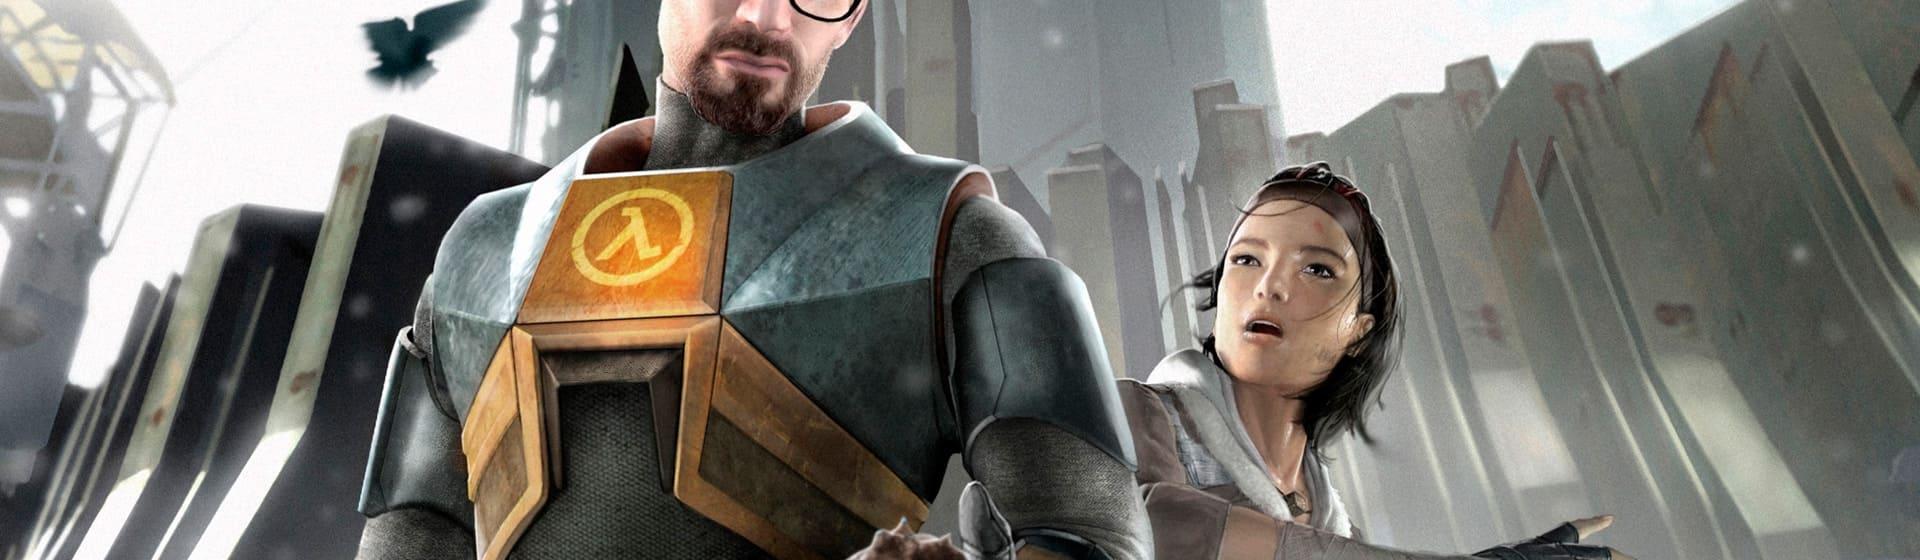 Half-Life - Женские бомберы